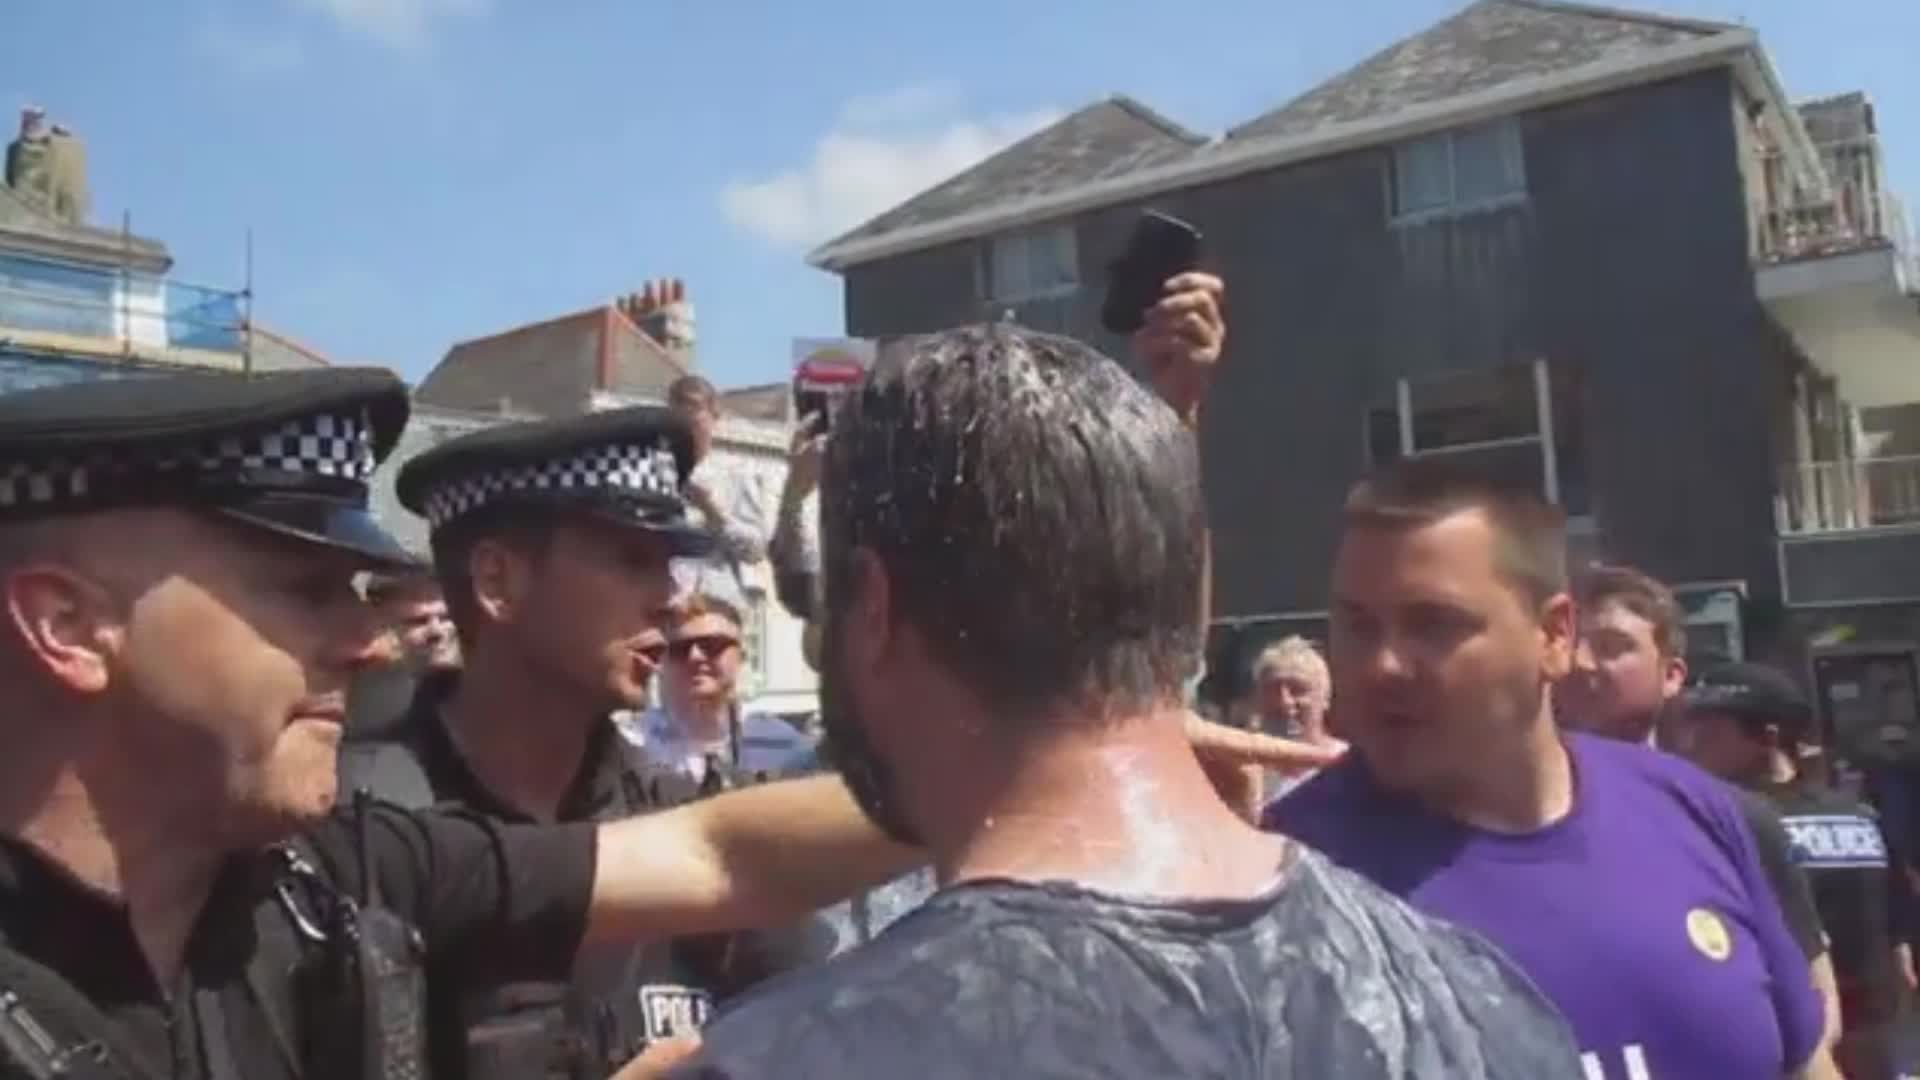 Ukip Candidate Carl Benjamin Has Fourth Milkshake Thrown At Him This Month